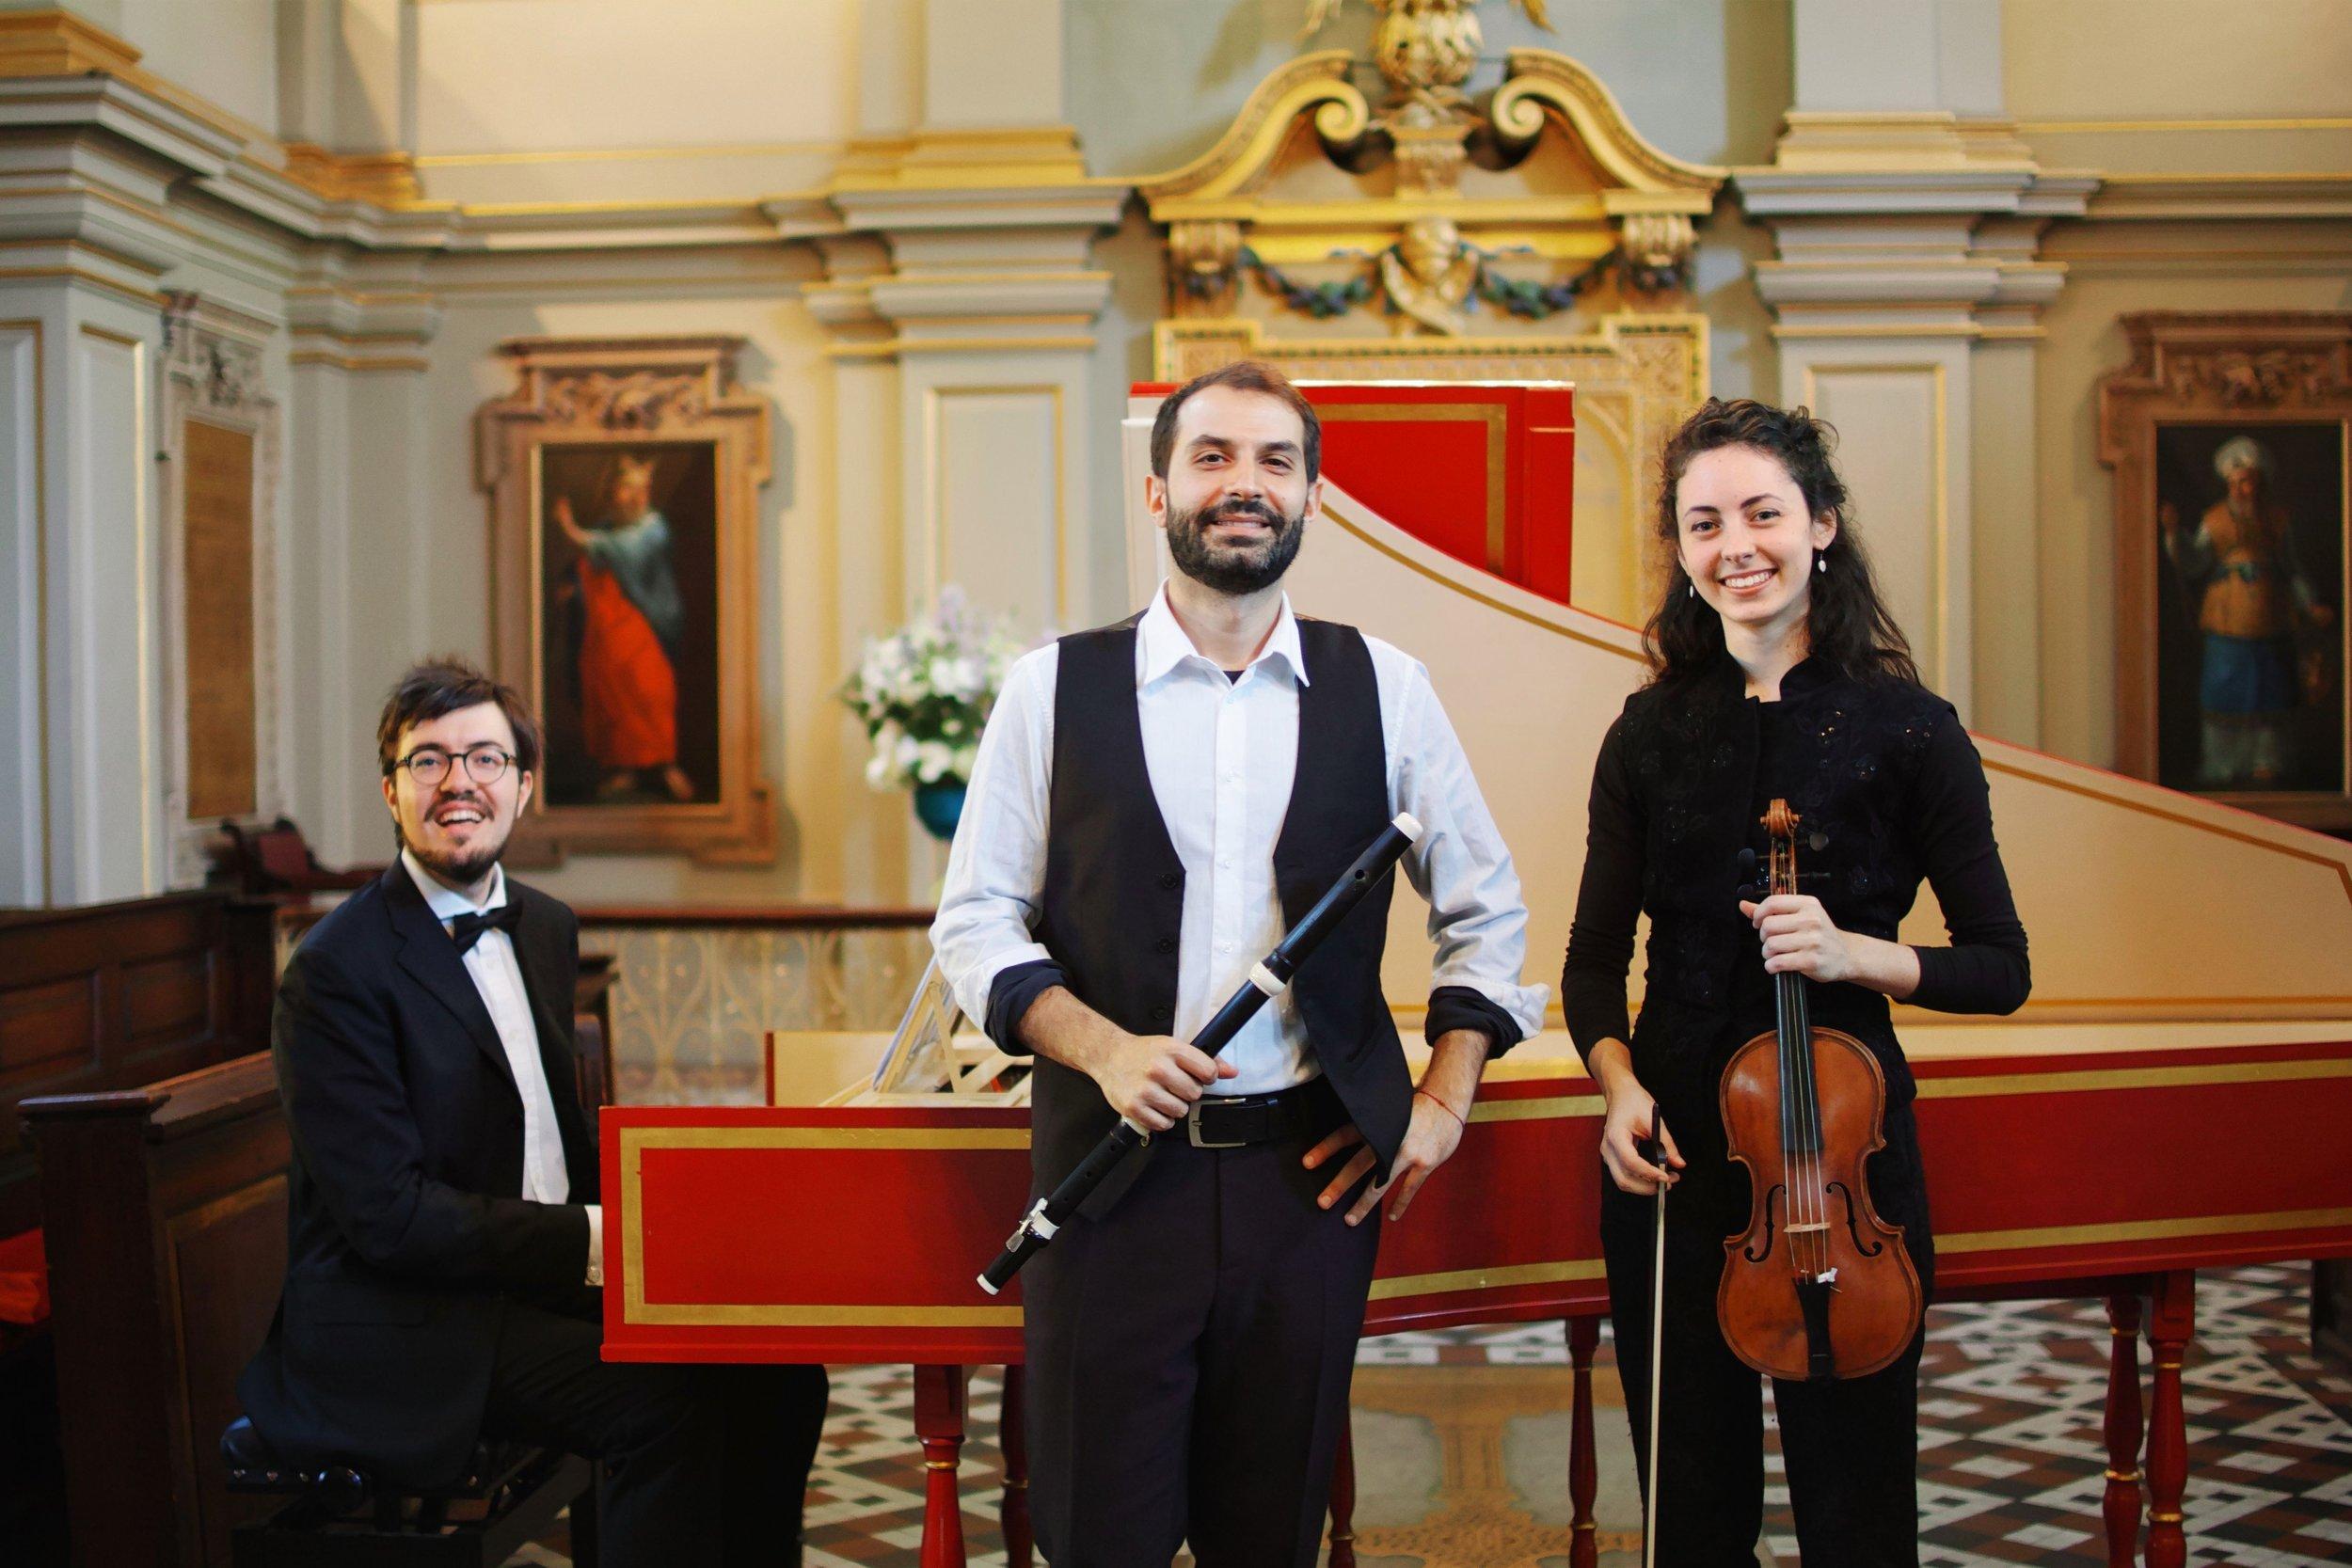 With Lorenzo Gabriele (traverso) and Rebecca Raimondi (baroque violin)